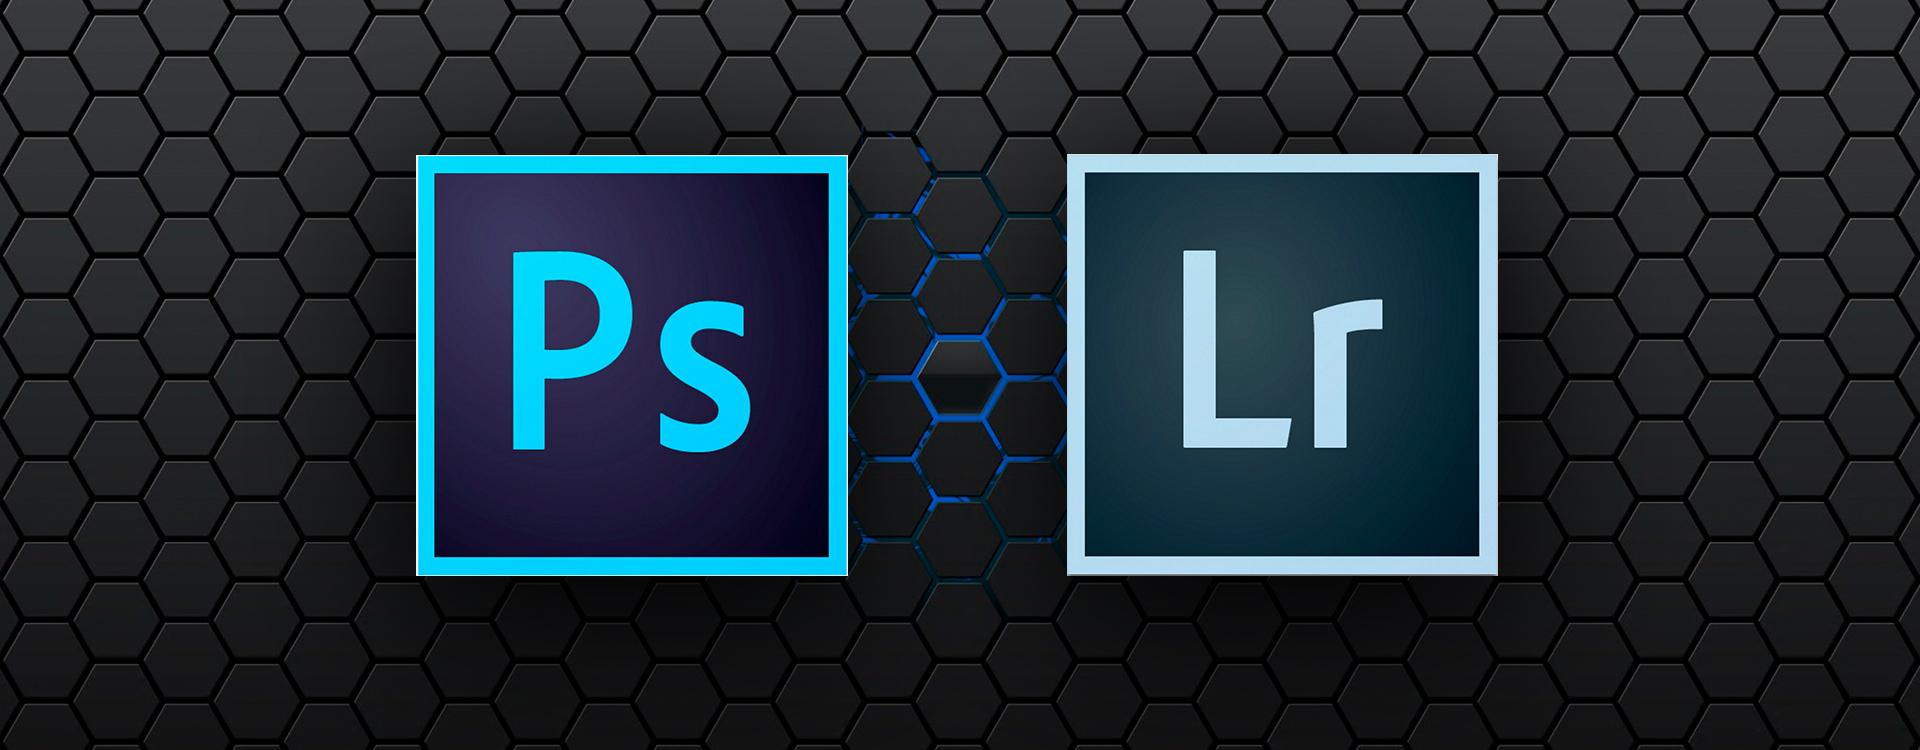 Adobe Lightroom and Photoshop - Netřeba moc dodávat. Snad jen, že ve Photoshopu používám plugin Nik Collection - Dfine na odstranění šumu a Color Efex Pro na dynamický kontrast..Nothing much to say. The only plugin I use is Nik Collection. Use Dfine for noise reduction and Color Efex Pro for dynamic contrast.